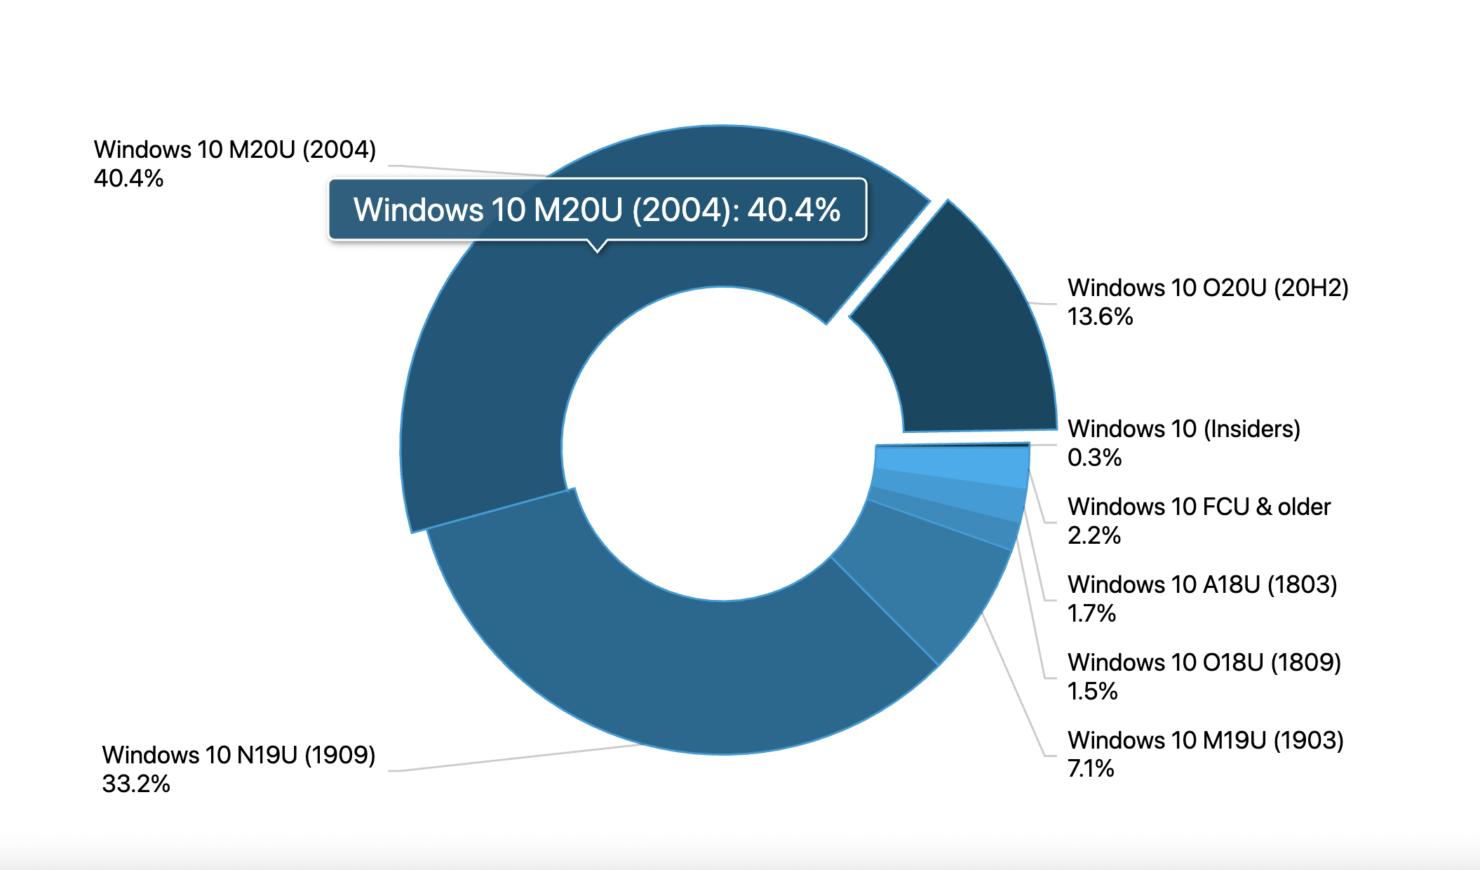 windows 10 update adoption